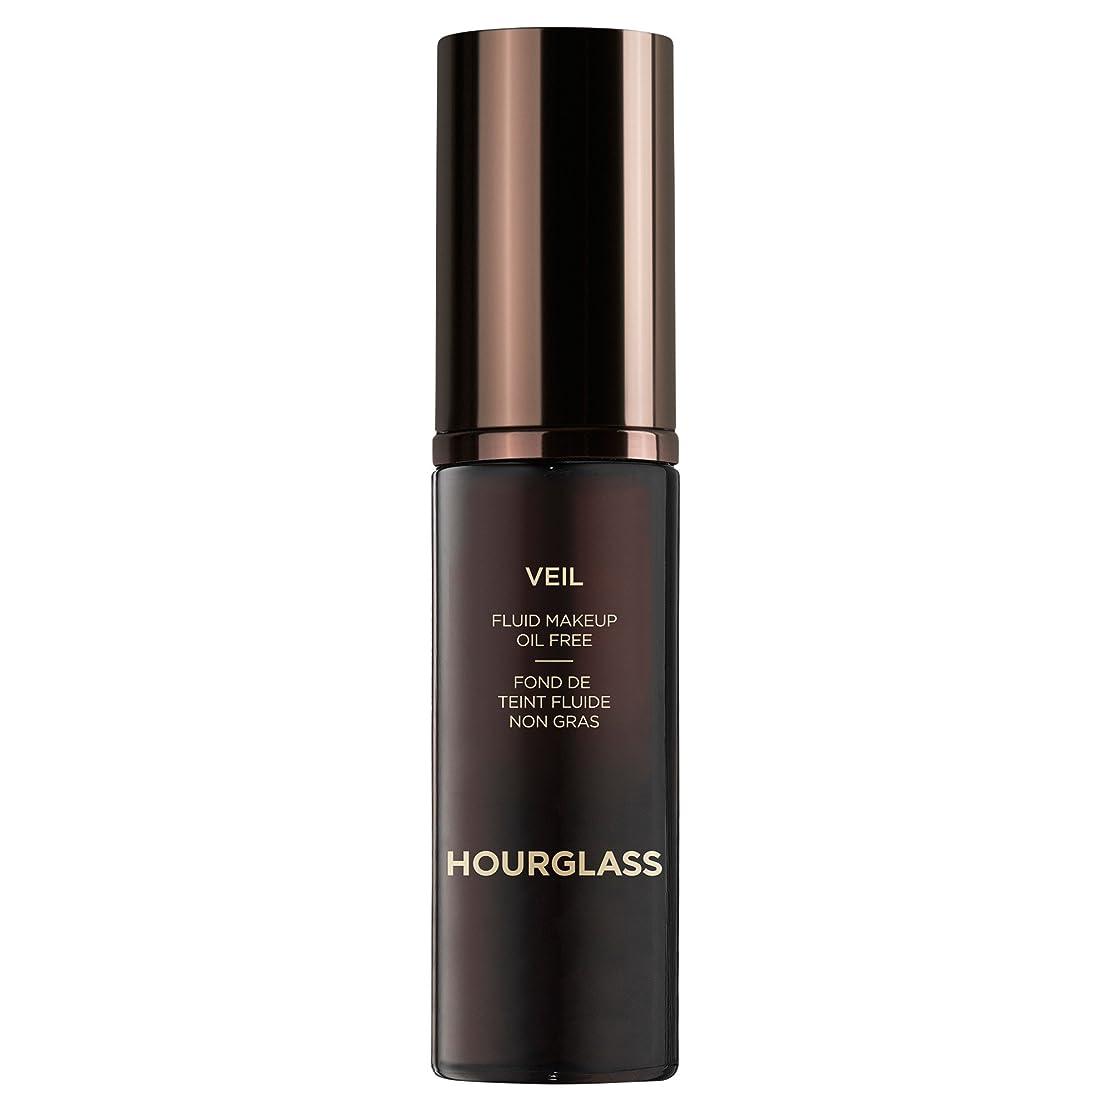 強風メダルフルーツ野菜流体化粧アイボリーベール砂時計 (Hourglass) (x2) - Hourglass Veil Fluid Makeup Ivory (Pack of 2) [並行輸入品]